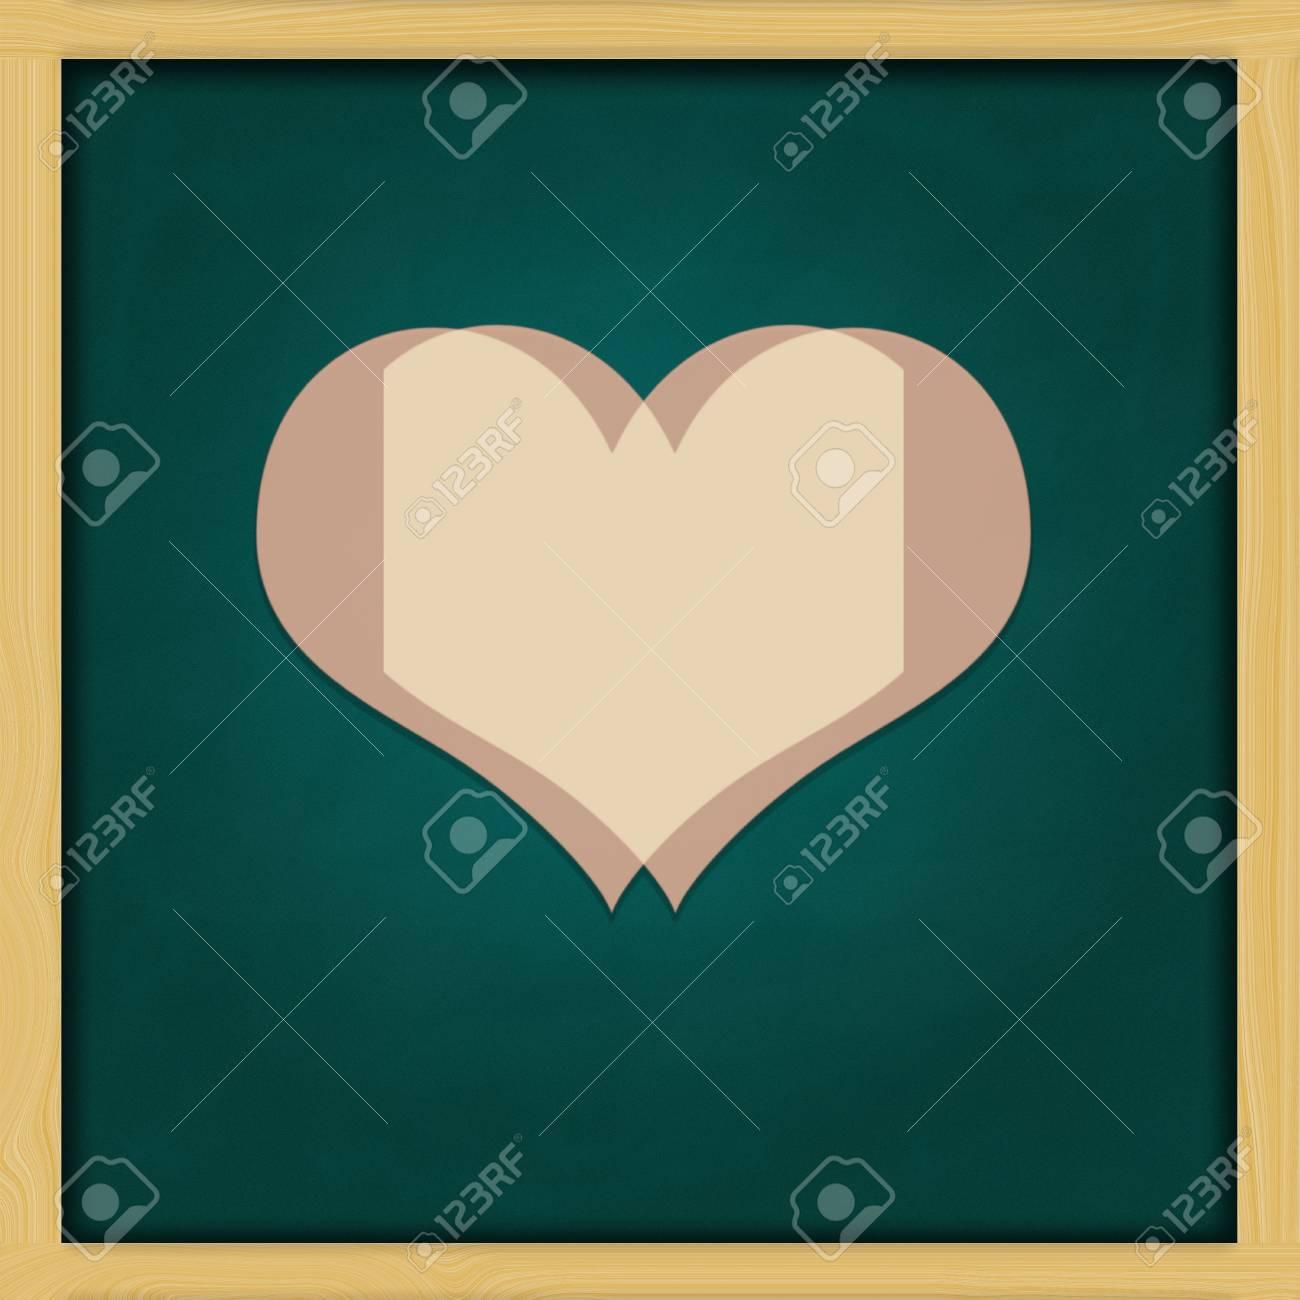 Liebe Hintergrund Und Grüne Tafel Konzeptionellen Rahmen Lizenzfreie ...